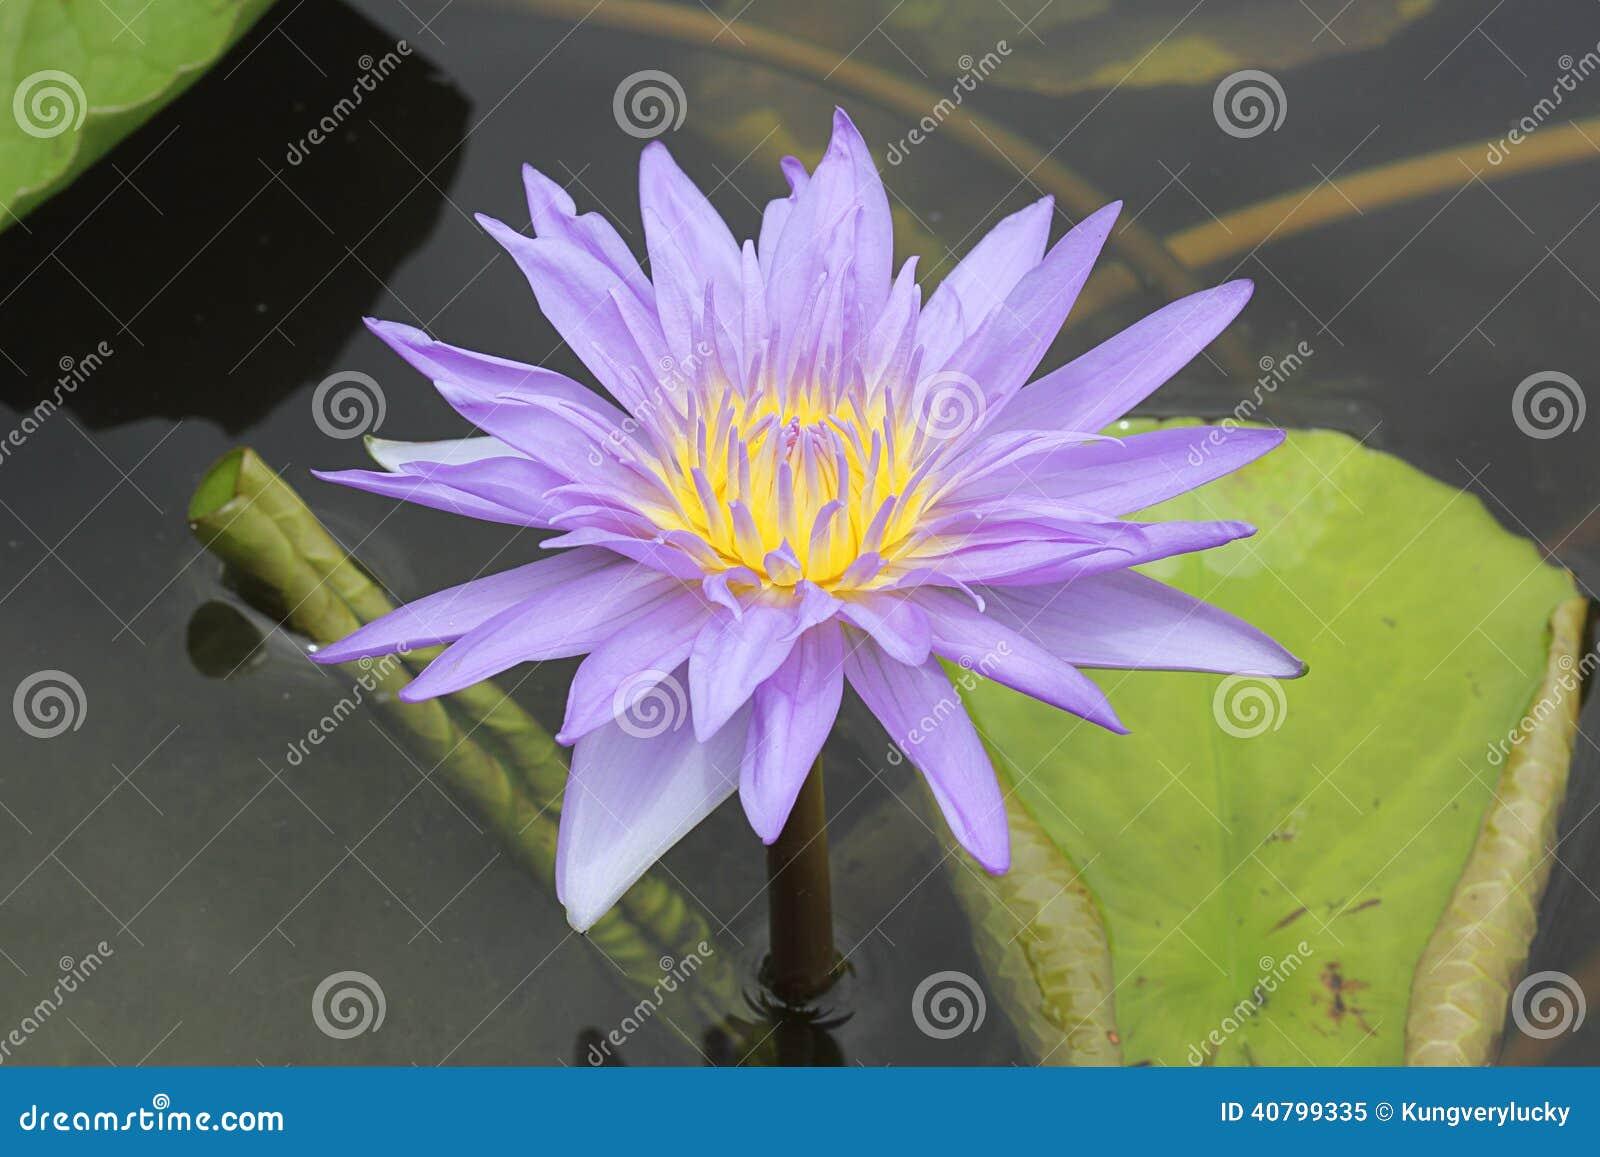 Thai lotus stock image image of outdoors blue nobody 40799335 thai lotus at lotus museum bangkok thailand izmirmasajfo